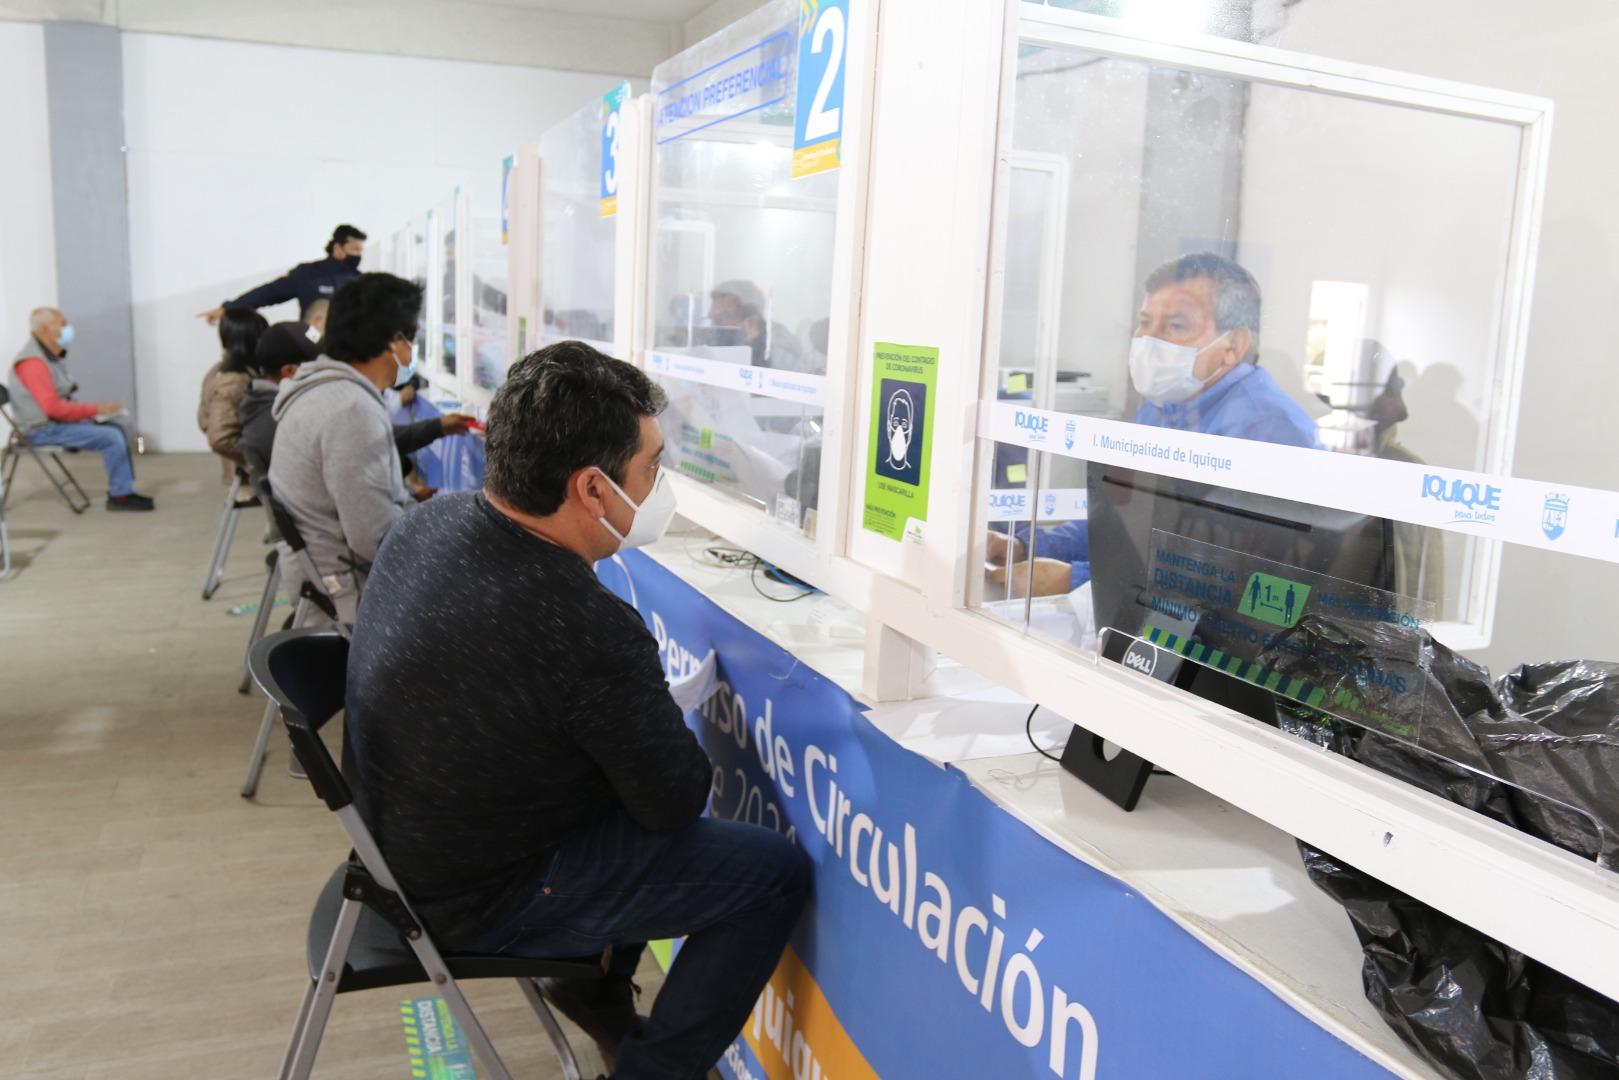 Pago de Permisos de Circulación 2021 en Iquique vía internet se acerca al 80%